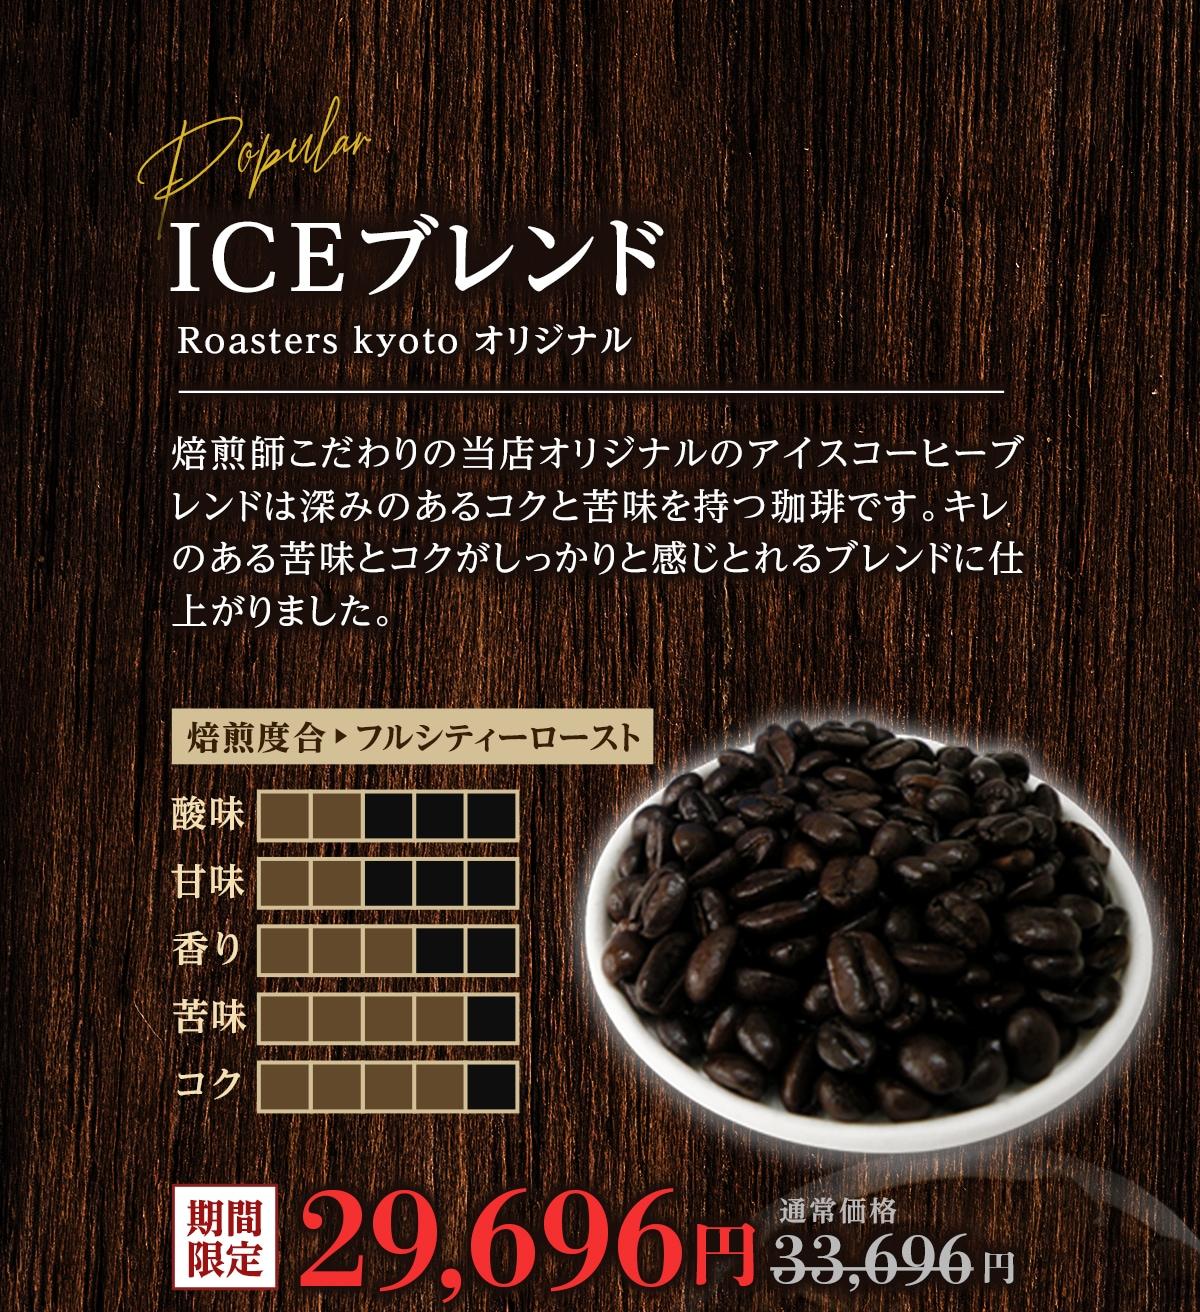 コーヒー豆 ICEブレンド